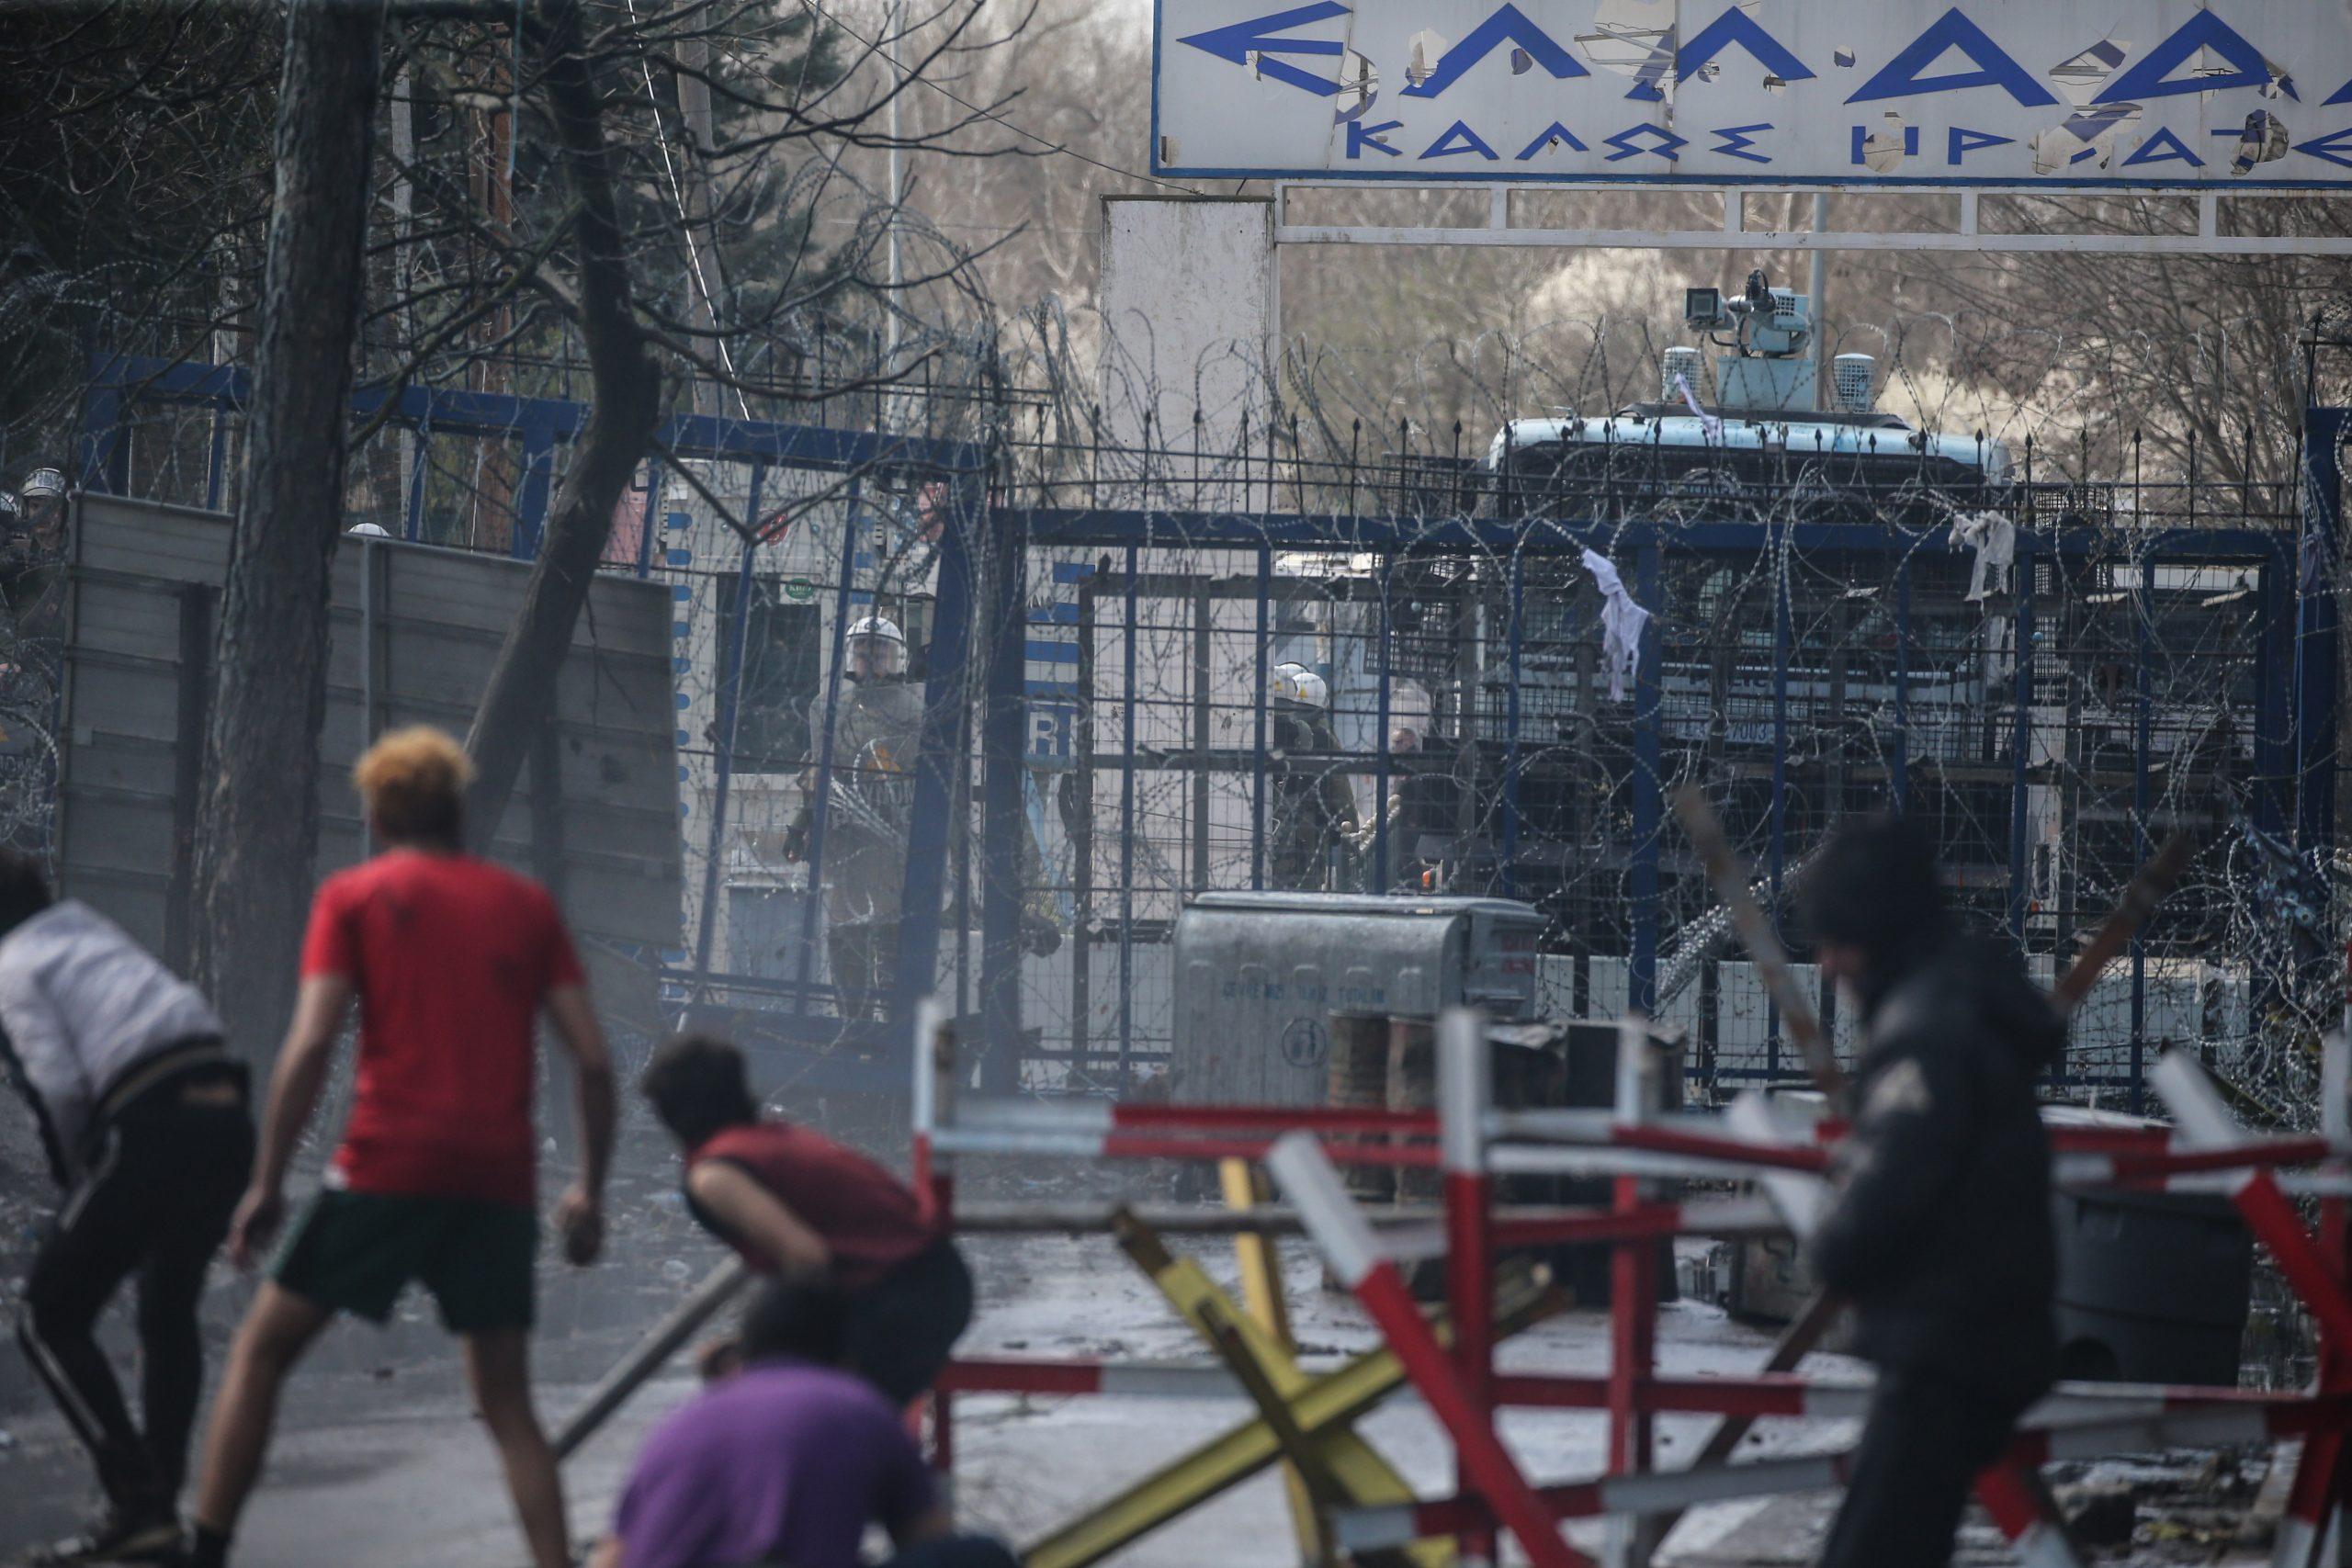 Gewaltbereite Migranten an türkisch-griechischer Grenze Foto: picture alliance / AA